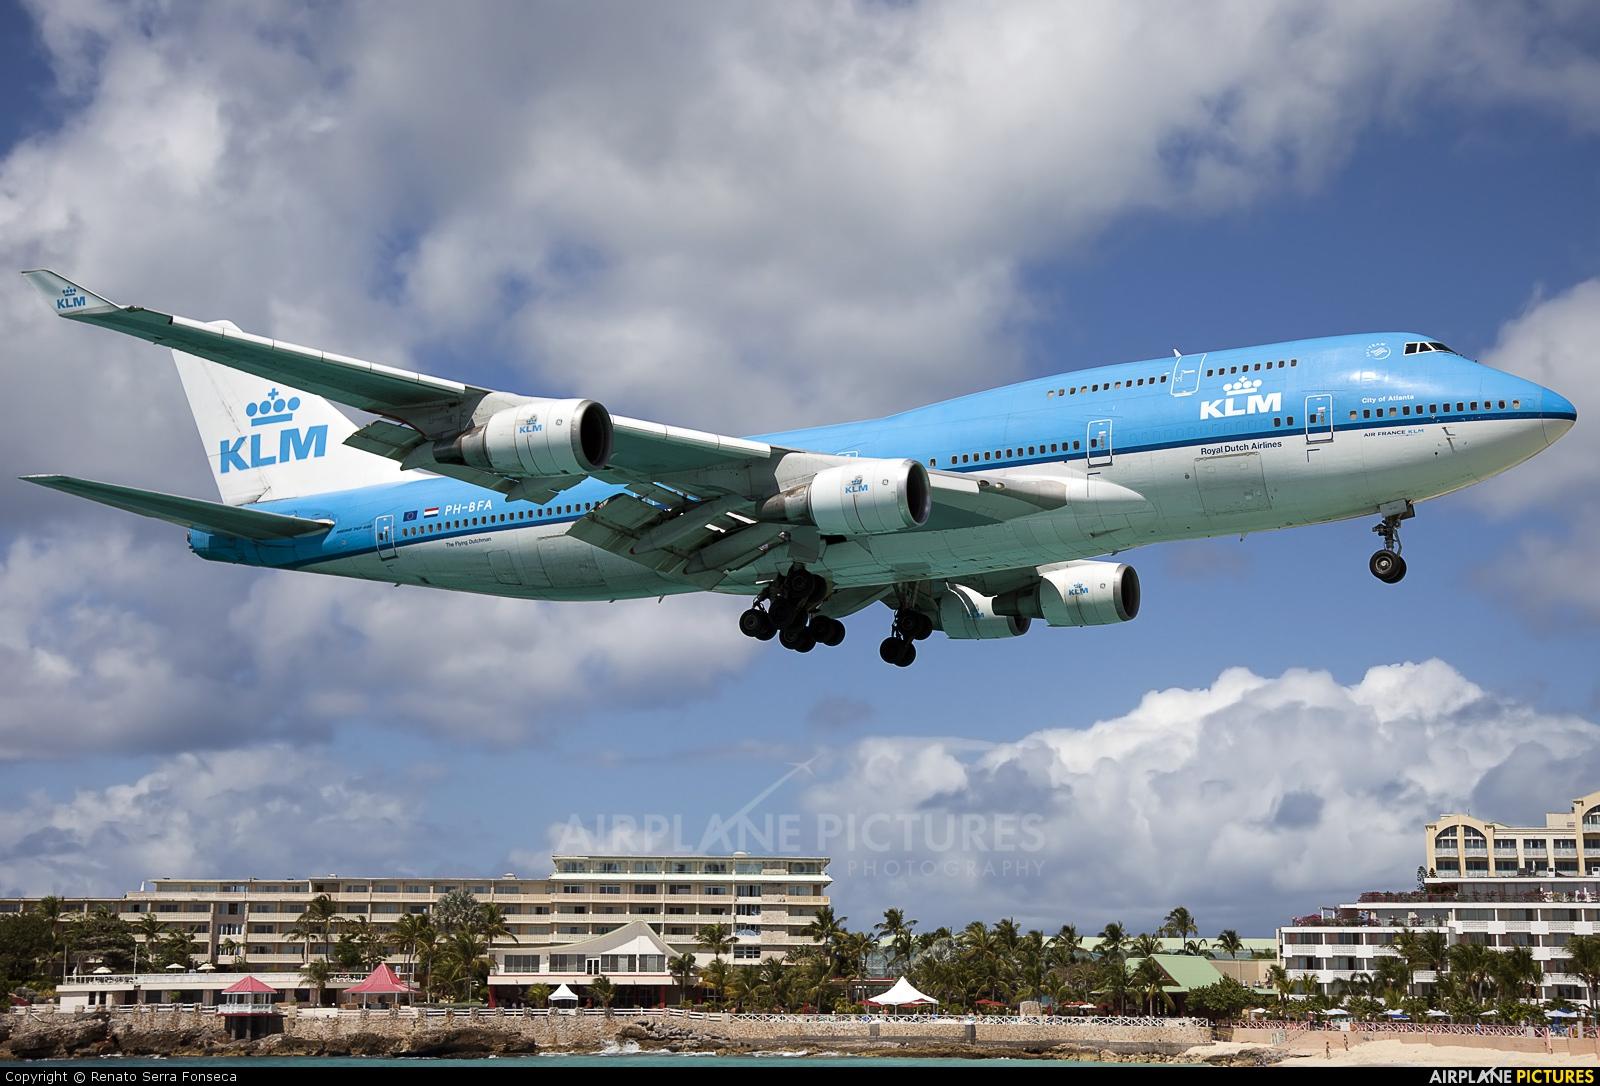 Боинг 747 Карибское море Антильские острова Остров Сен-Мартен